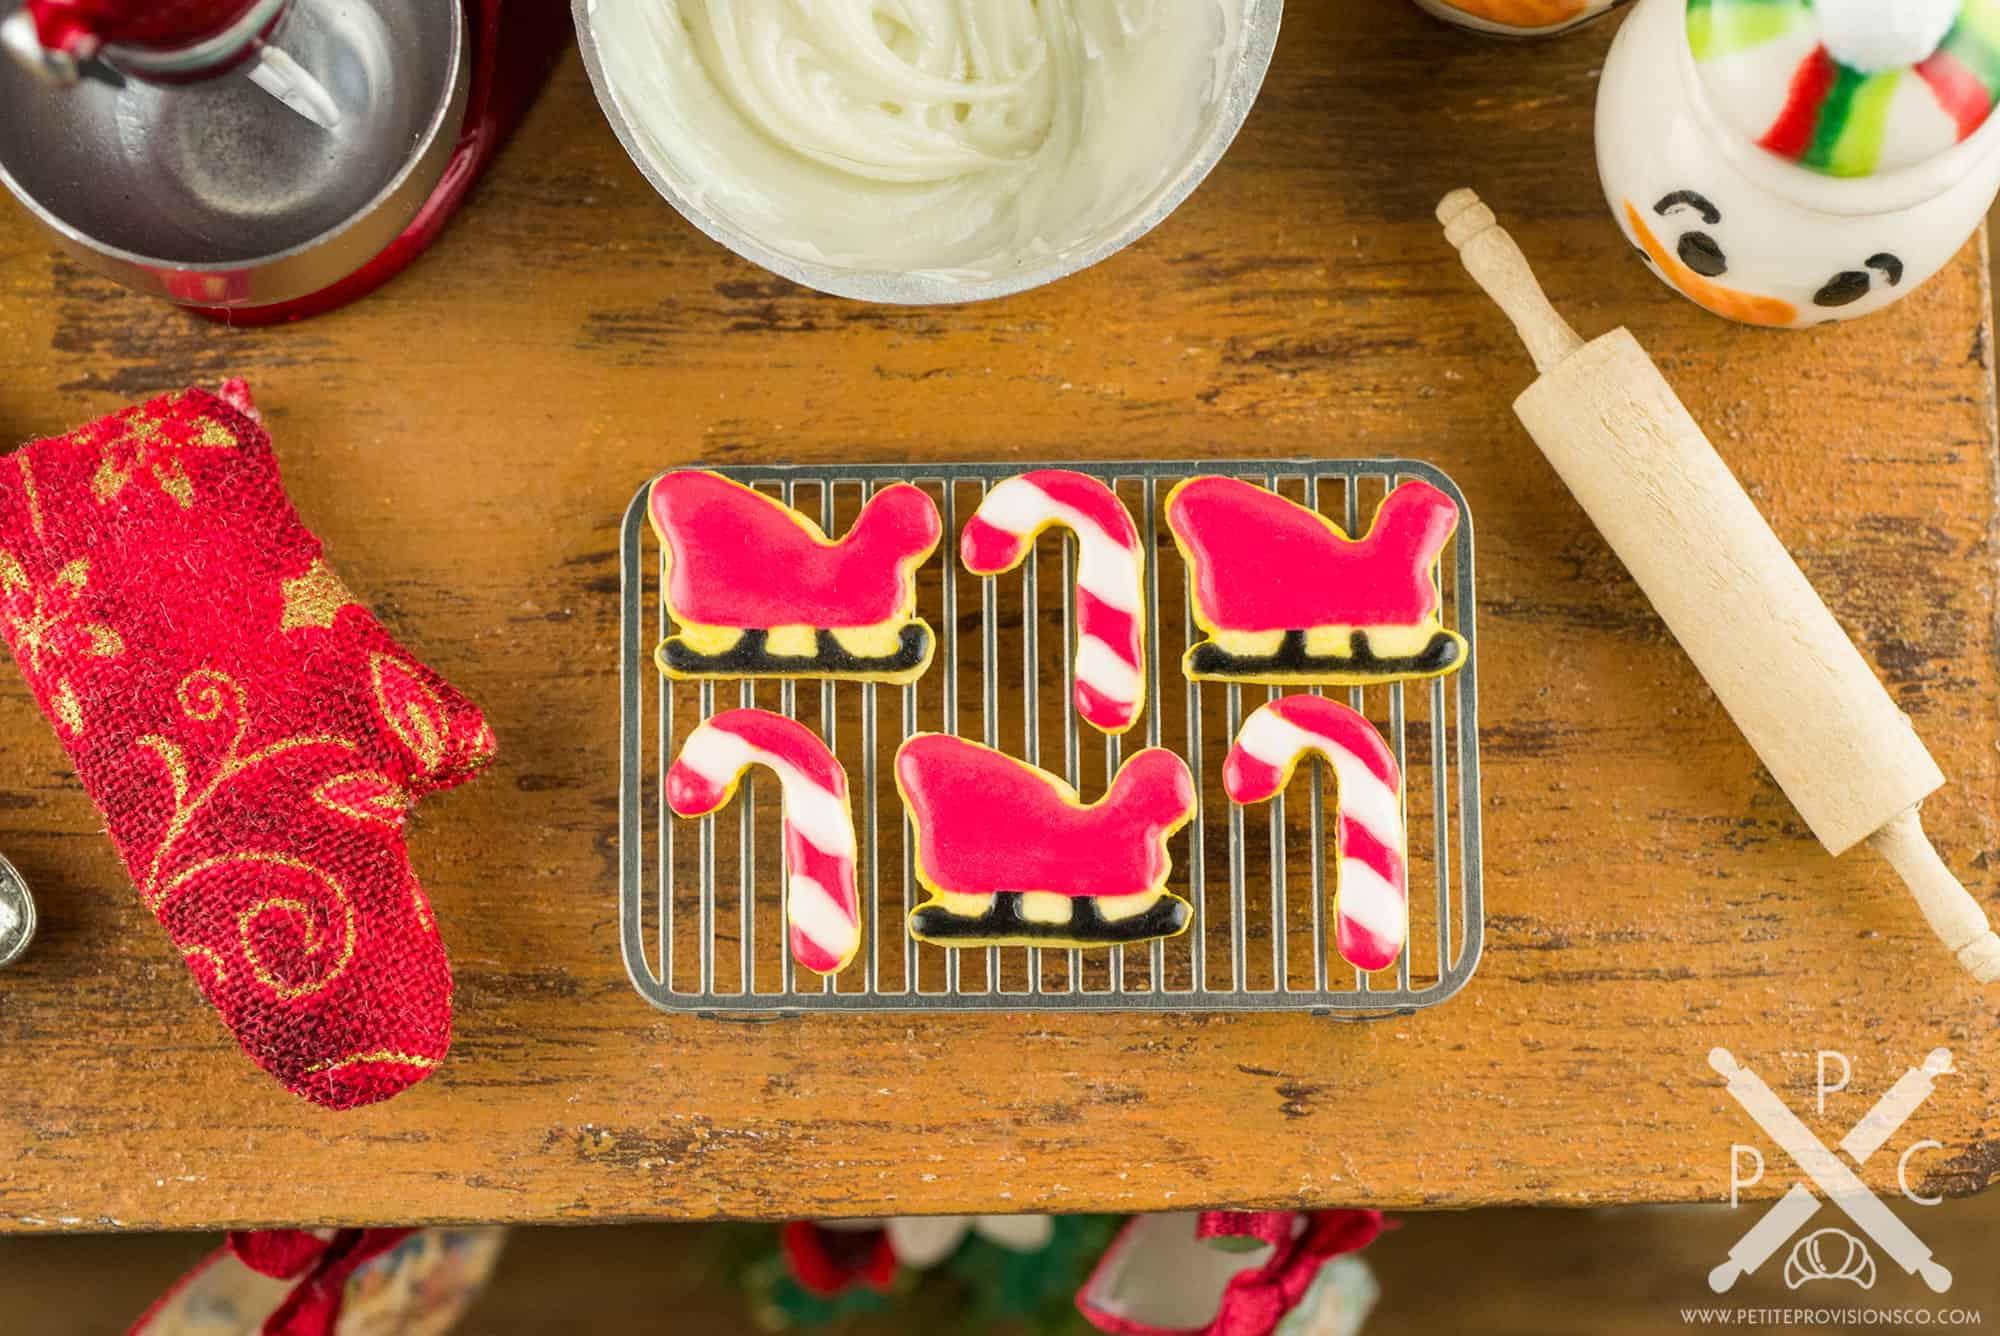 Santa S Sleigh And Candy Canes Cookies Half Dozen